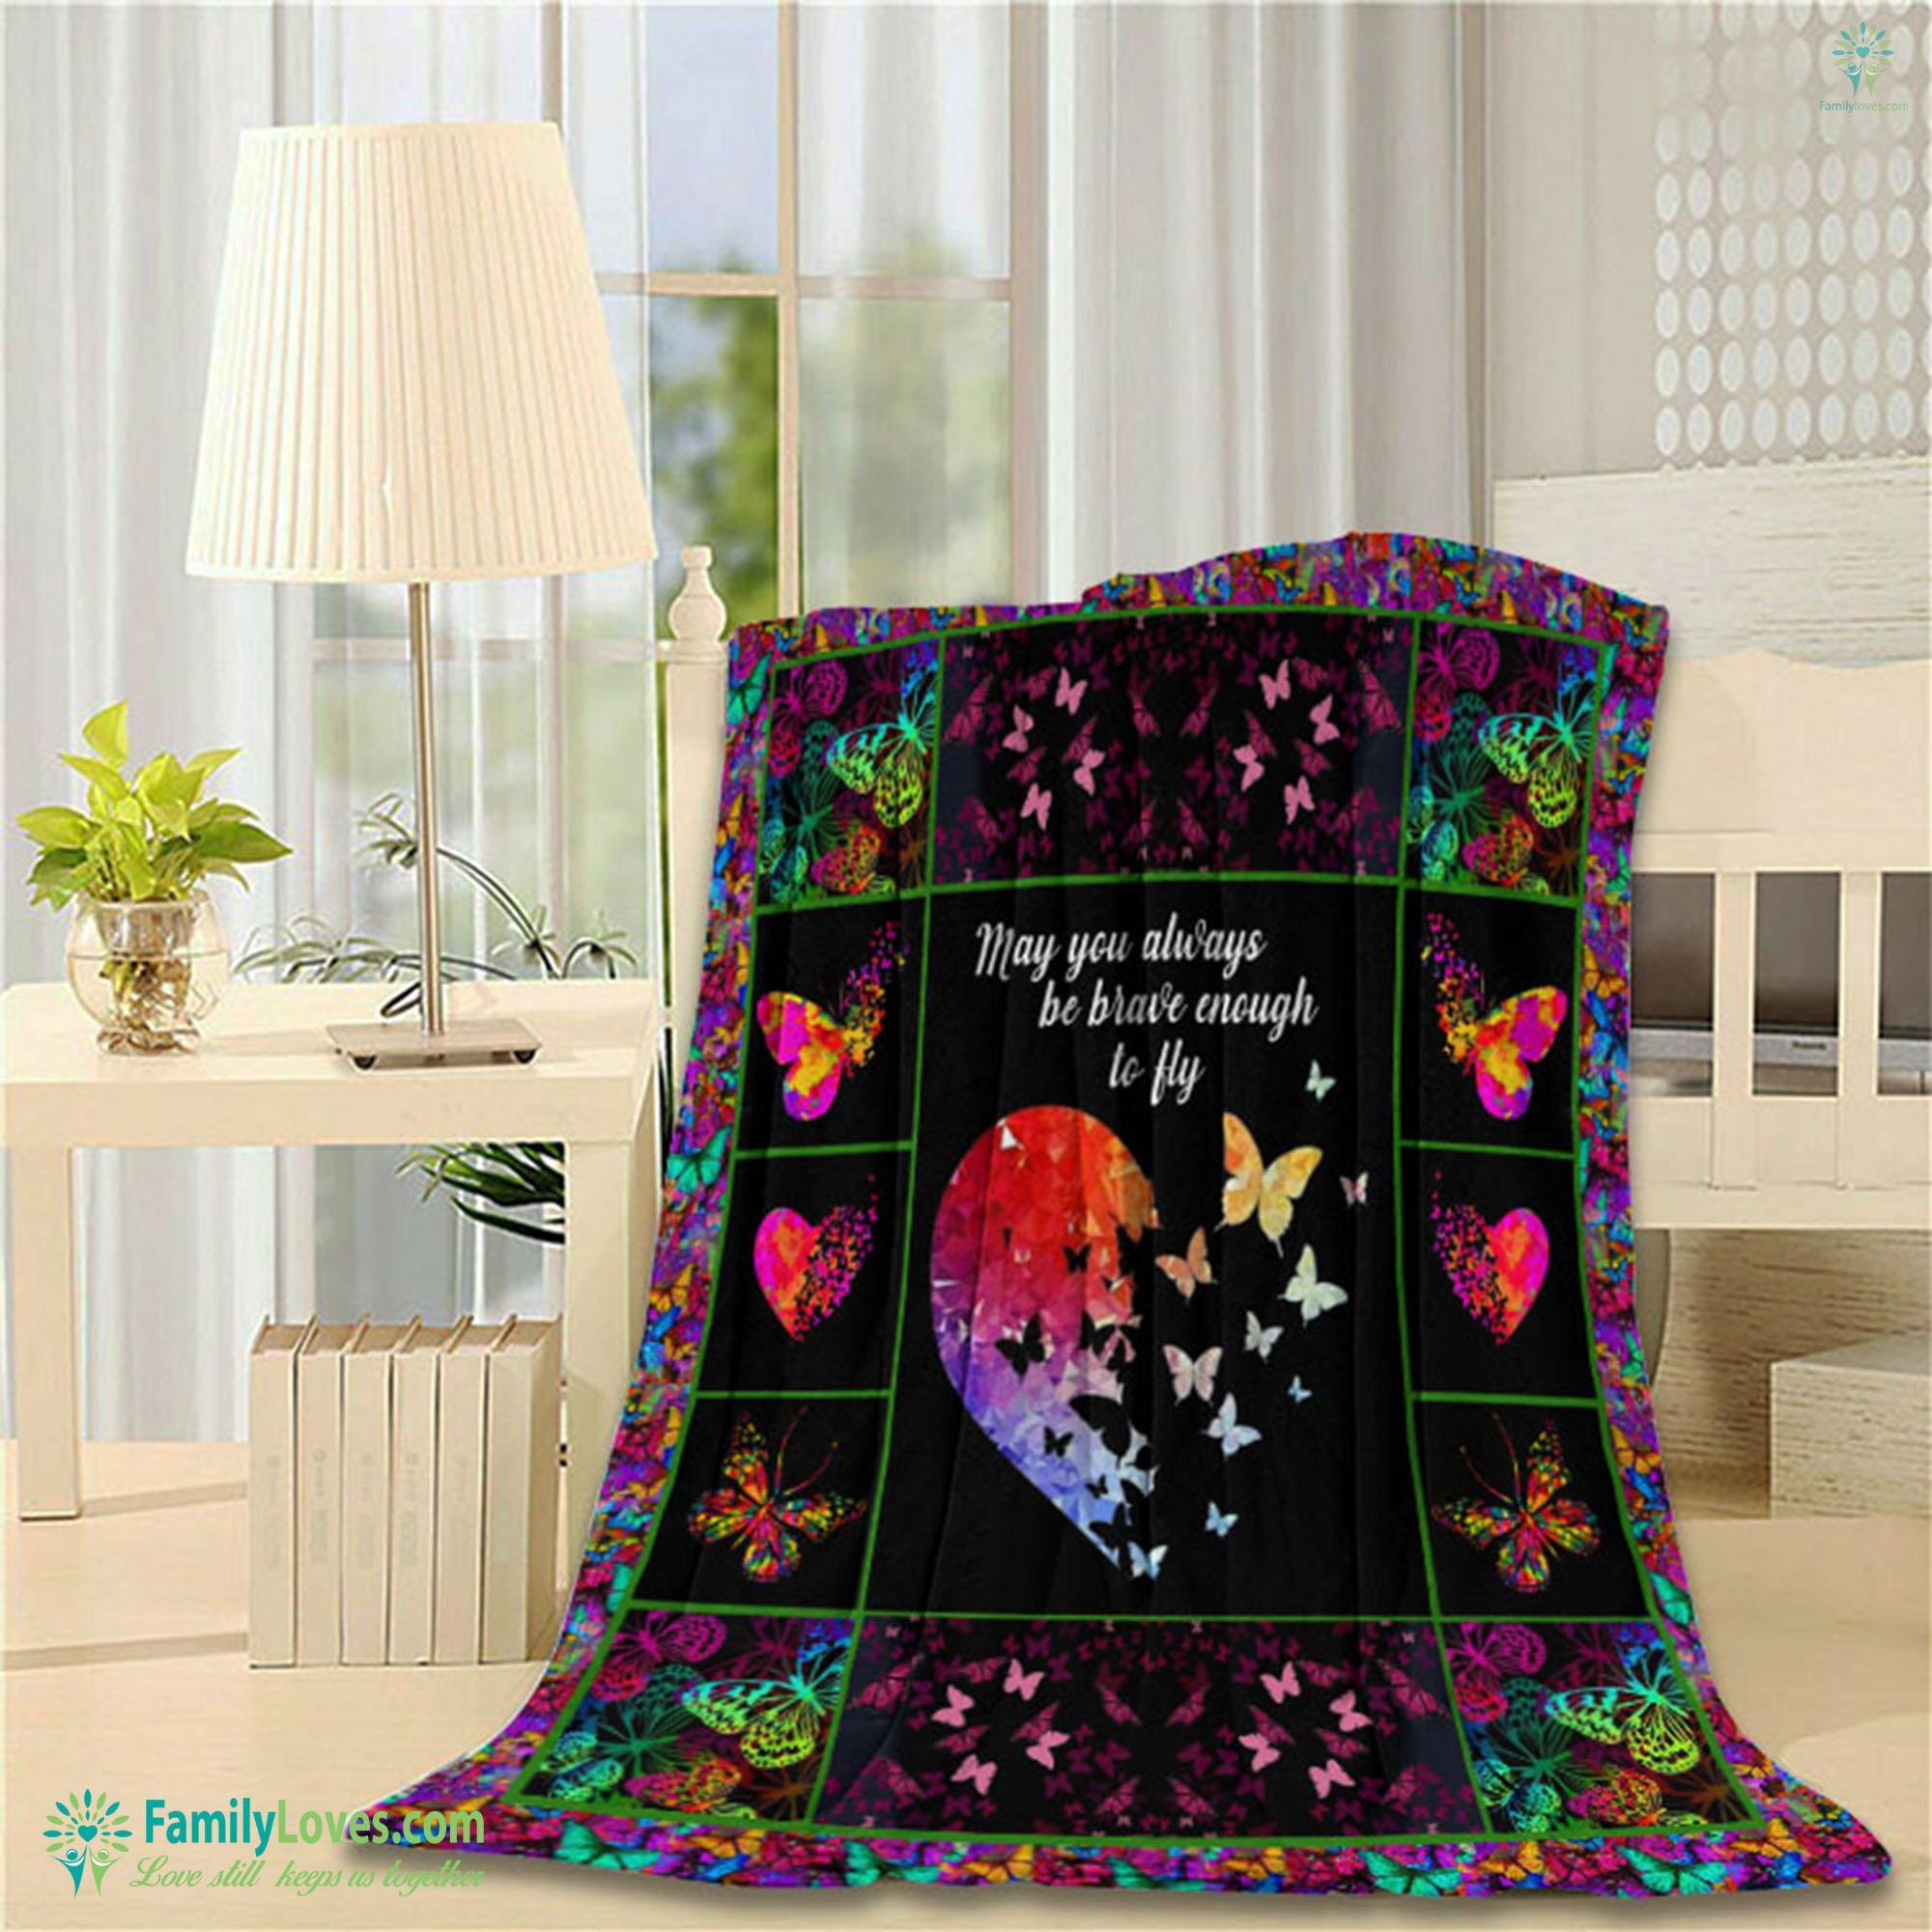 Butterfly H Blanket 14 Familyloves.com